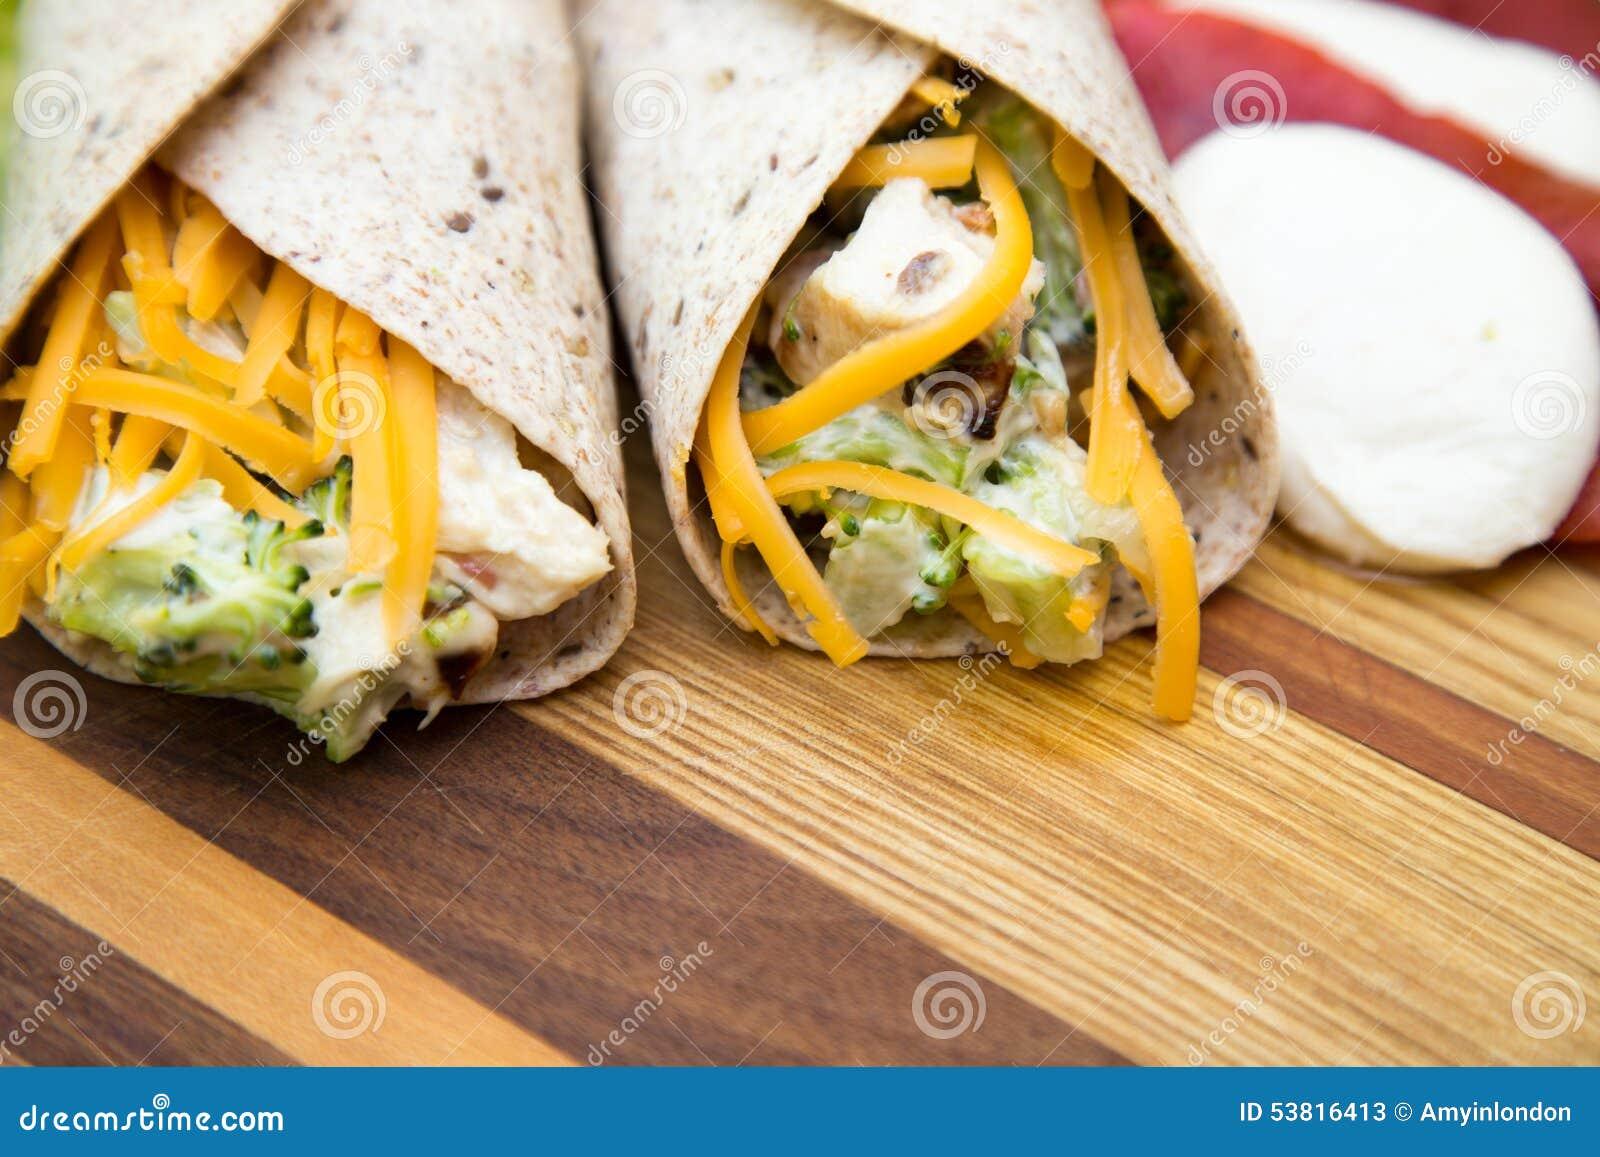 Enveloppes de salade de poulet et de brocoli